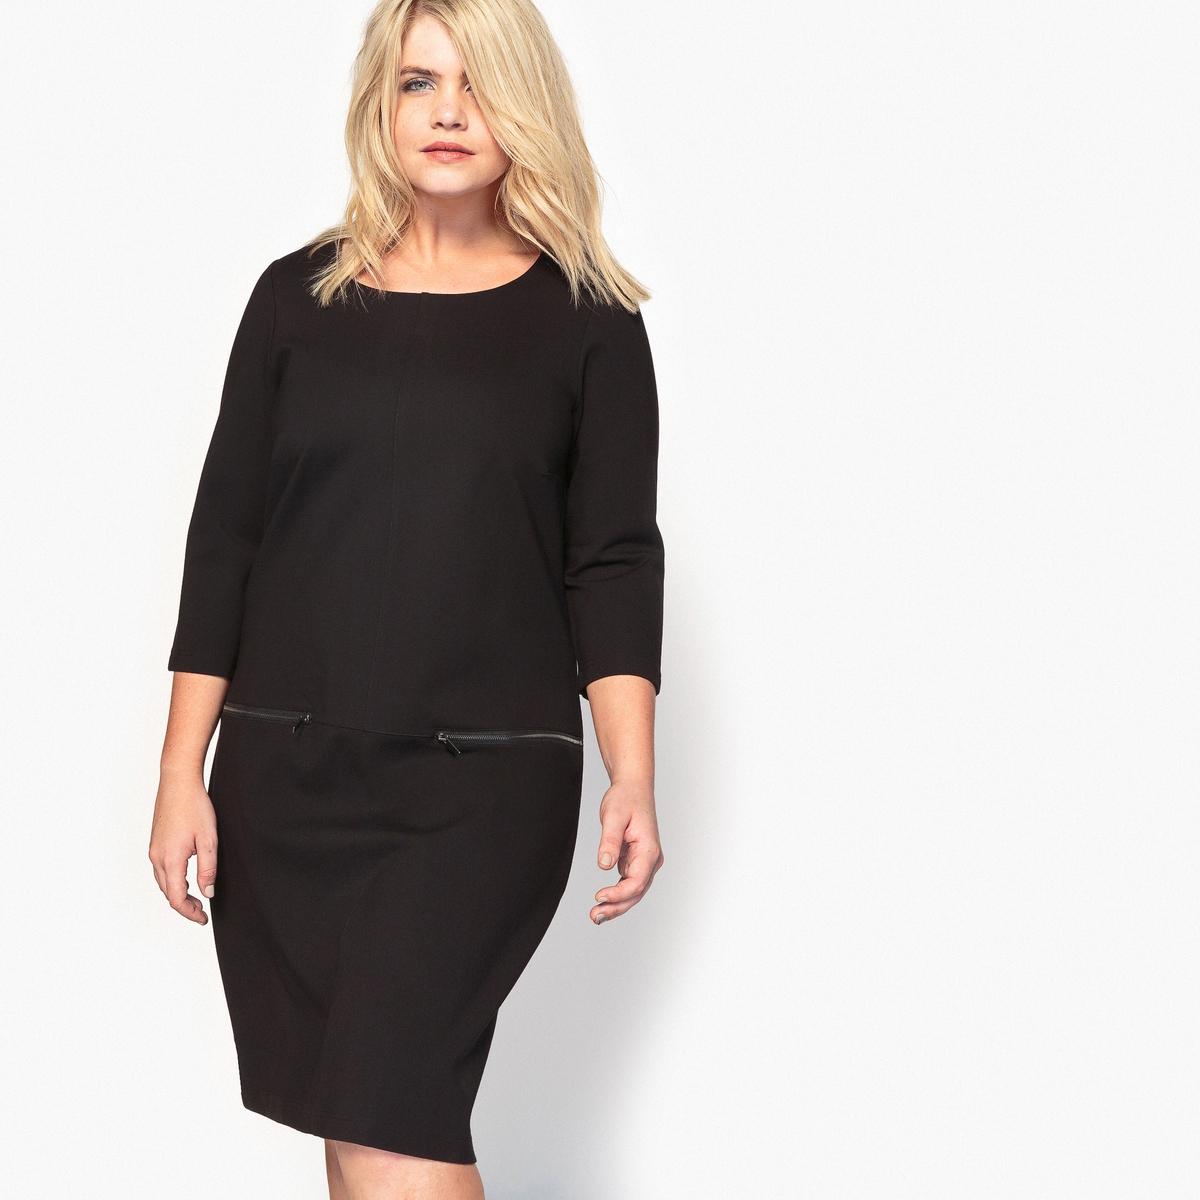 Платье прямое однотонное средней длины, с рукавами 3/4Красивое черное платье, которое должно быть у любой женщины . Гламурное и стильное, его можно надевать каждый день или на вечеринку, в этом платье есть все, чтобы вам понравиться . Детали •  Форма : прямая •  Длина до колен •  Рукава 3/4    •  Круглый вырезСостав и уход •  75% вискозы, 3% эластана, 22% полиамида •  Температура стирки при 30° на деликатном режиме   •  Сухая чистка и отбеливание запрещены •  Не использовать барабанную сушку   •  Низкая температура глажки   ВАЖНО: Товар без манжетТовар из коллекции больших размеров •  Красивое черное платье, которое должно быть у любой женщины  . •  2 горизонтальных кармана на молнии спереди . •  Длина : 98 см<br><br>Цвет: черный<br>Размер: 42 (FR) - 48 (RUS).54 (FR) - 60 (RUS).48 (FR) - 54 (RUS)